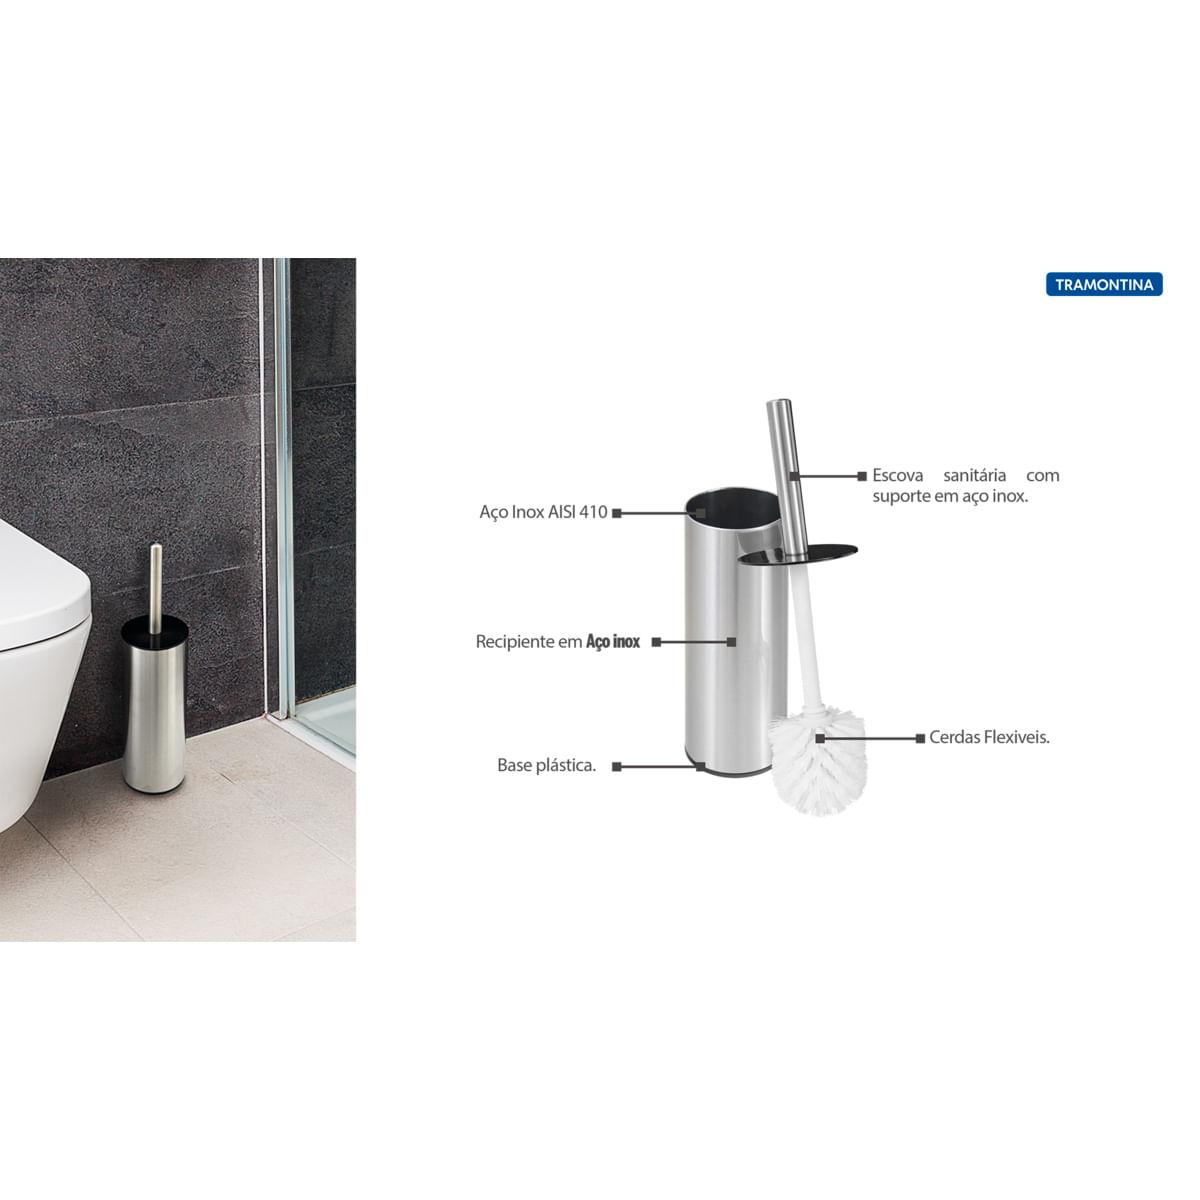 Escova para Banheiro Tramontina em Aço Inox com Acabamento Scotch Brite